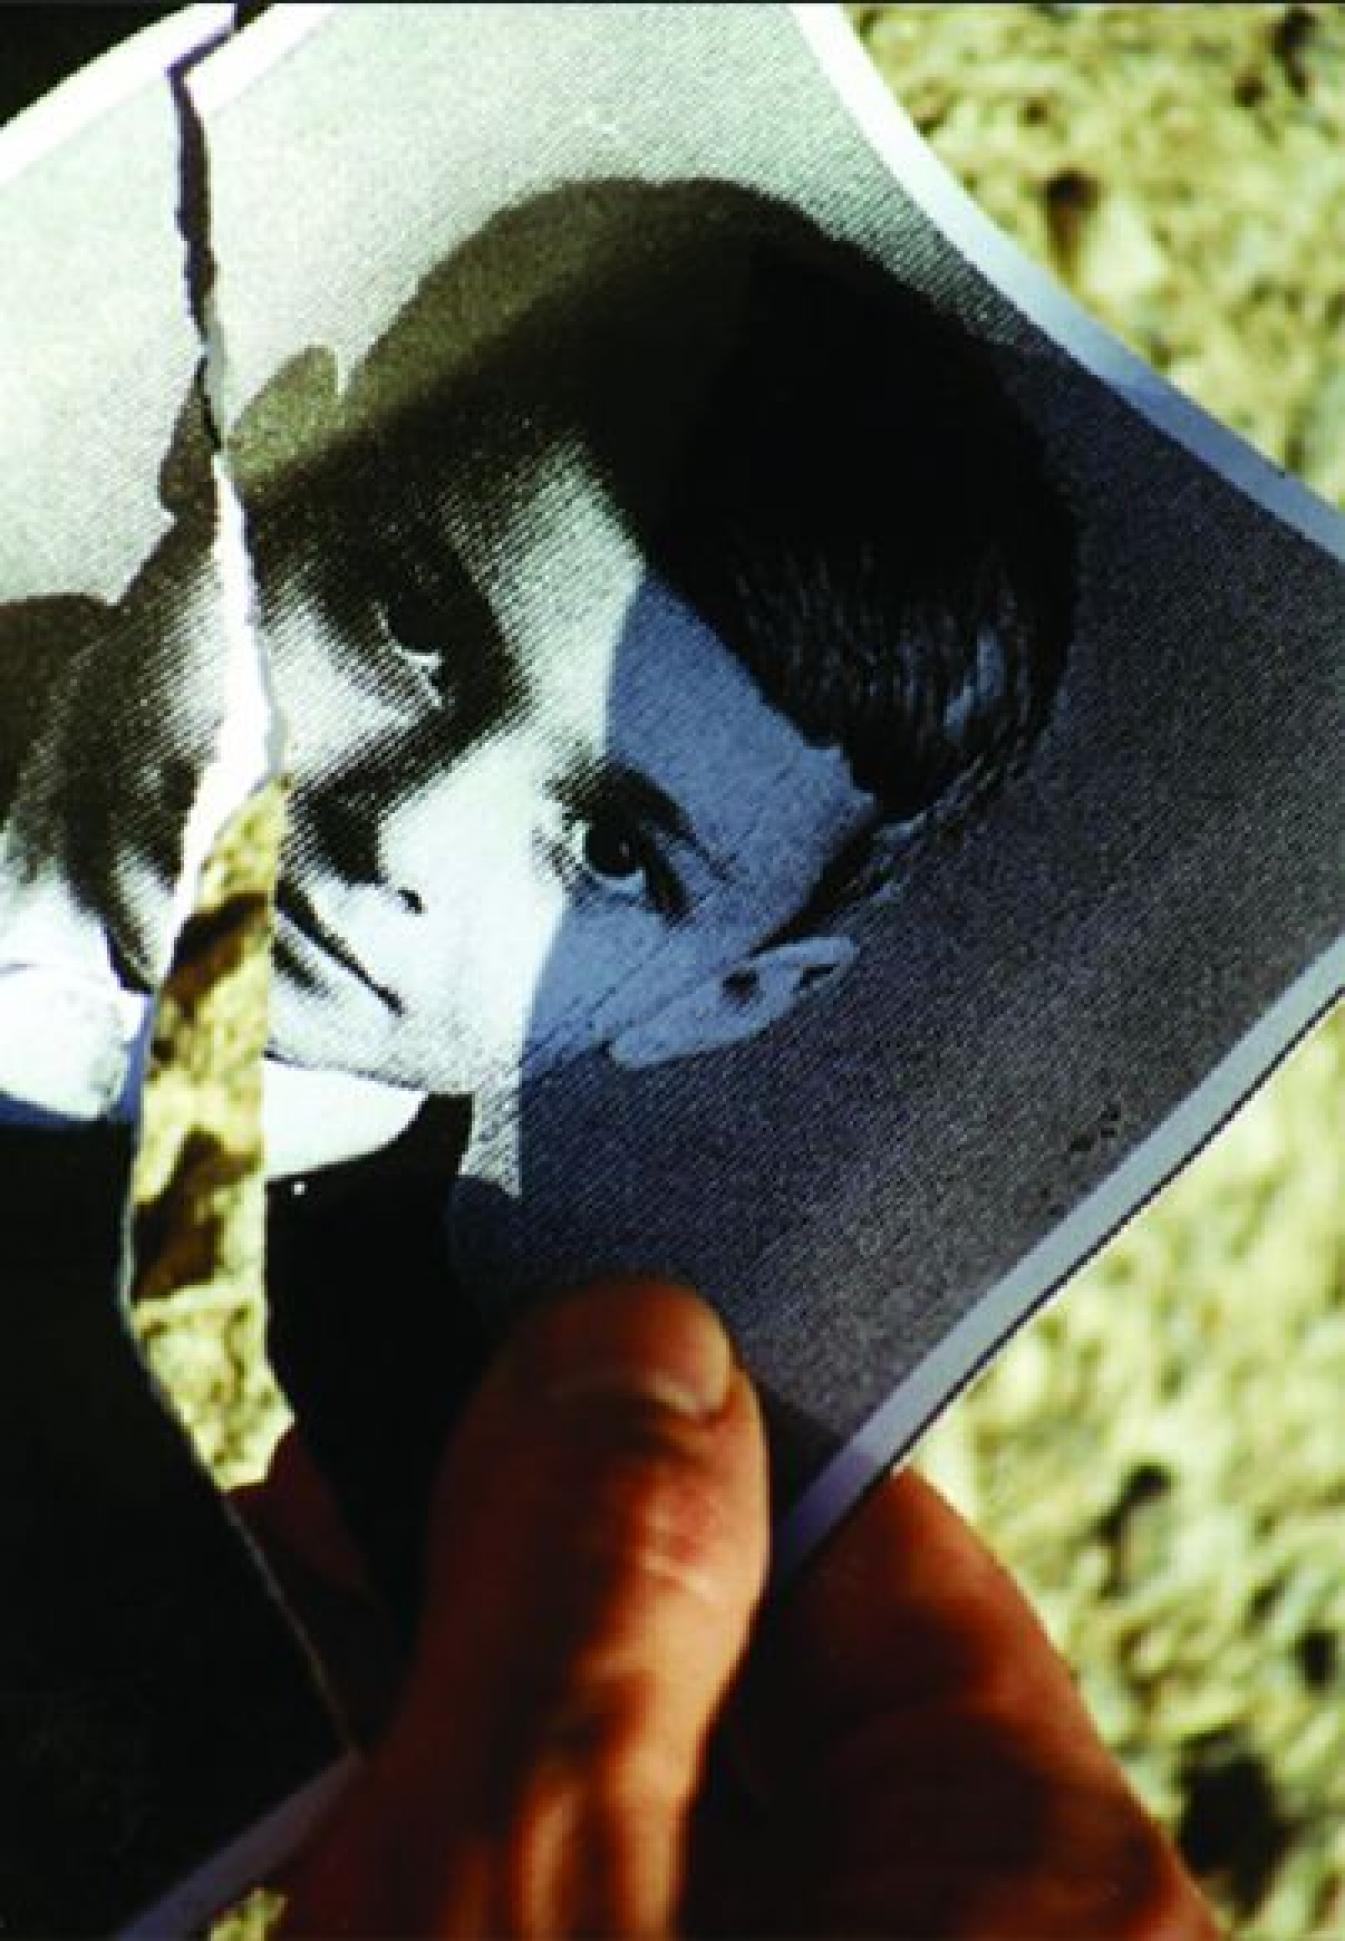 Fotografia małego, około dziesięcioletniego chłopca. Fotografia jest czarno-biała i przetargana w połowie. Fotografie ktoś trzyma w dłoni.